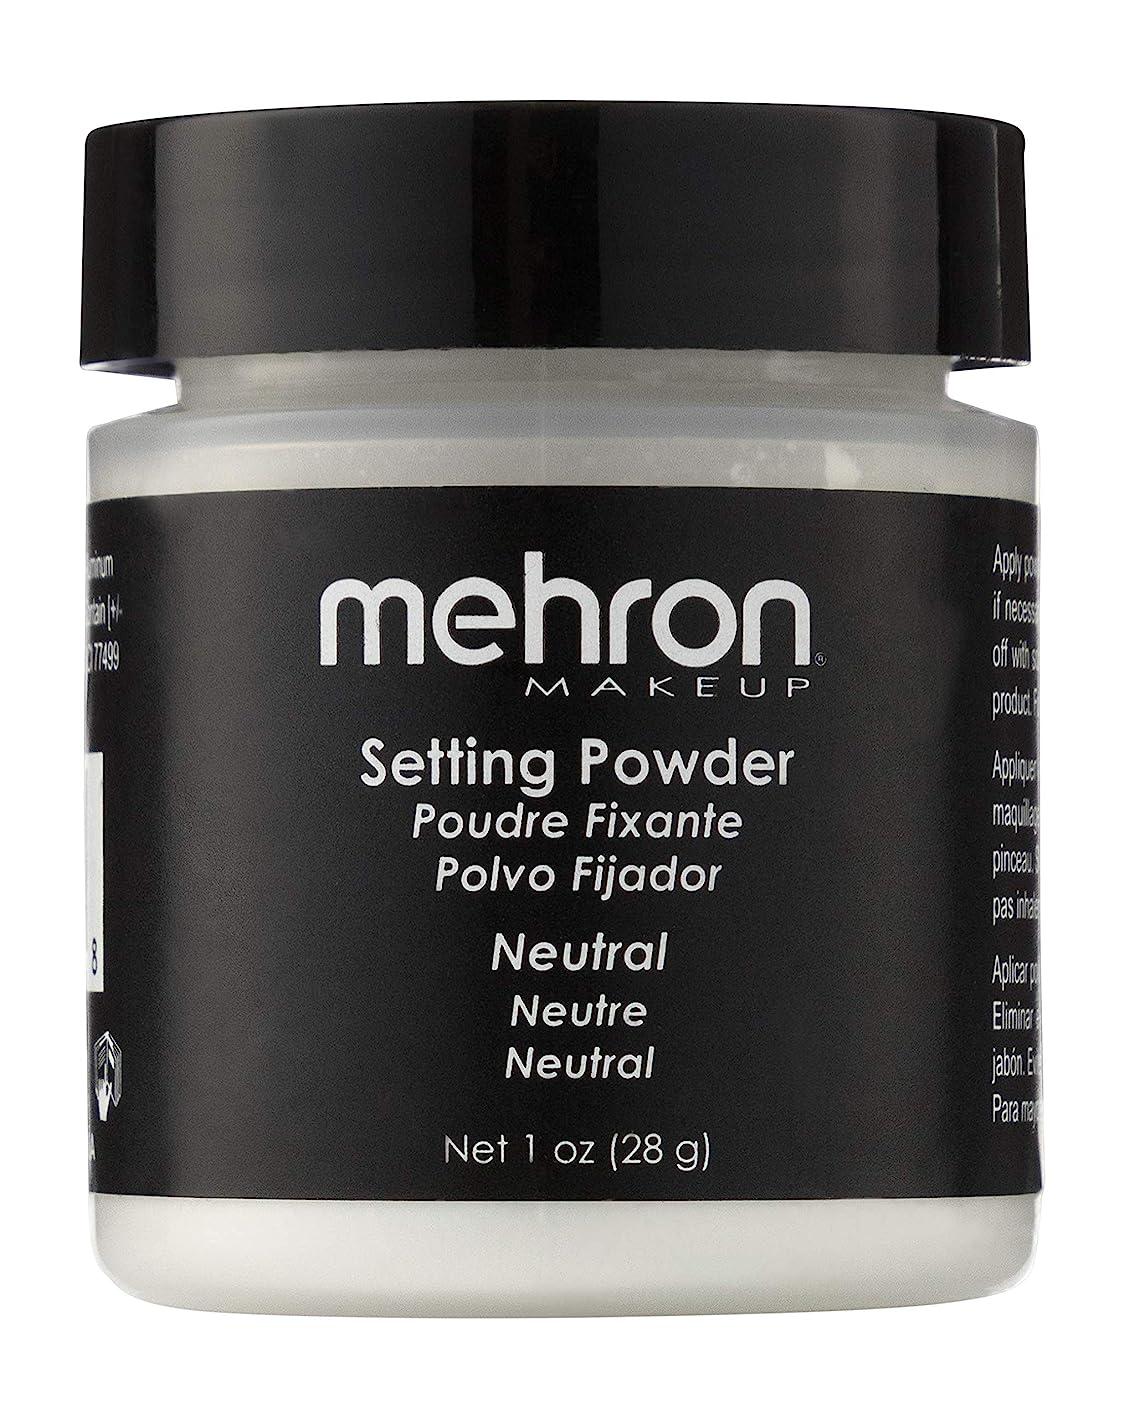 盗難コメンテーターナットmehron UltraFine Setting Powder with Anti Perspriant Neutral (並行輸入品)